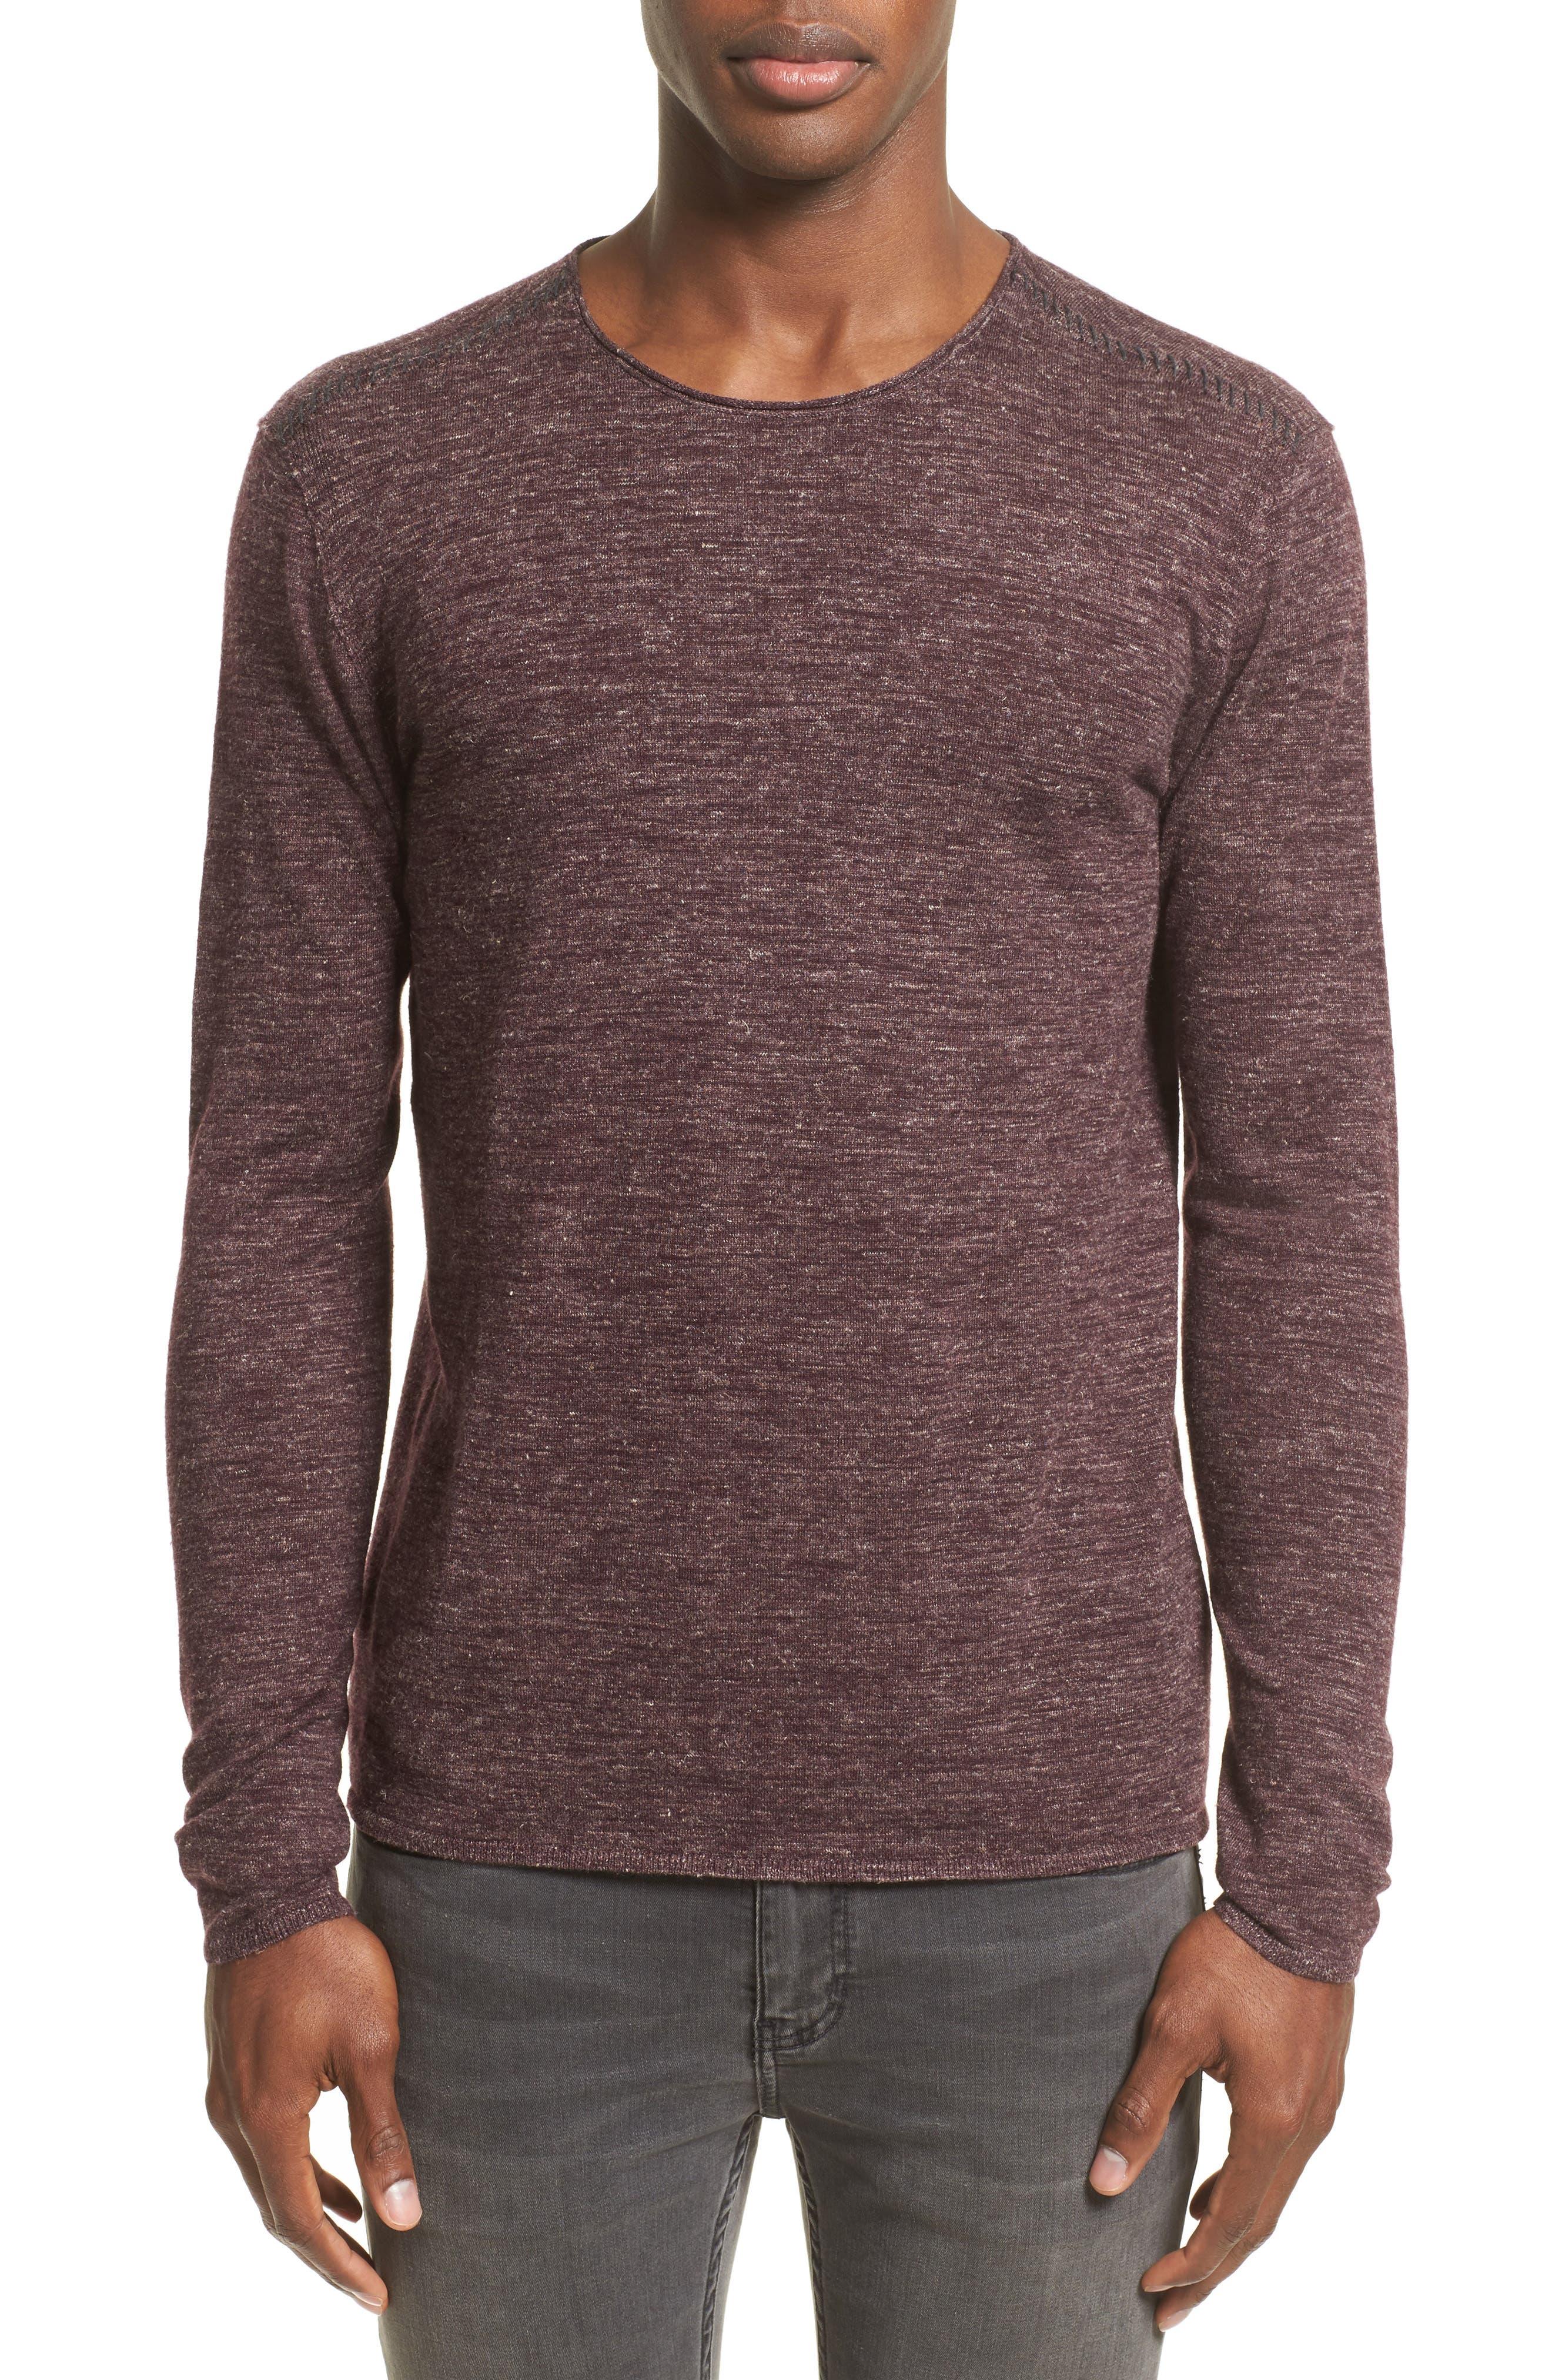 Main Image - John Varvatos Collection Heathered Crewneck Sweater